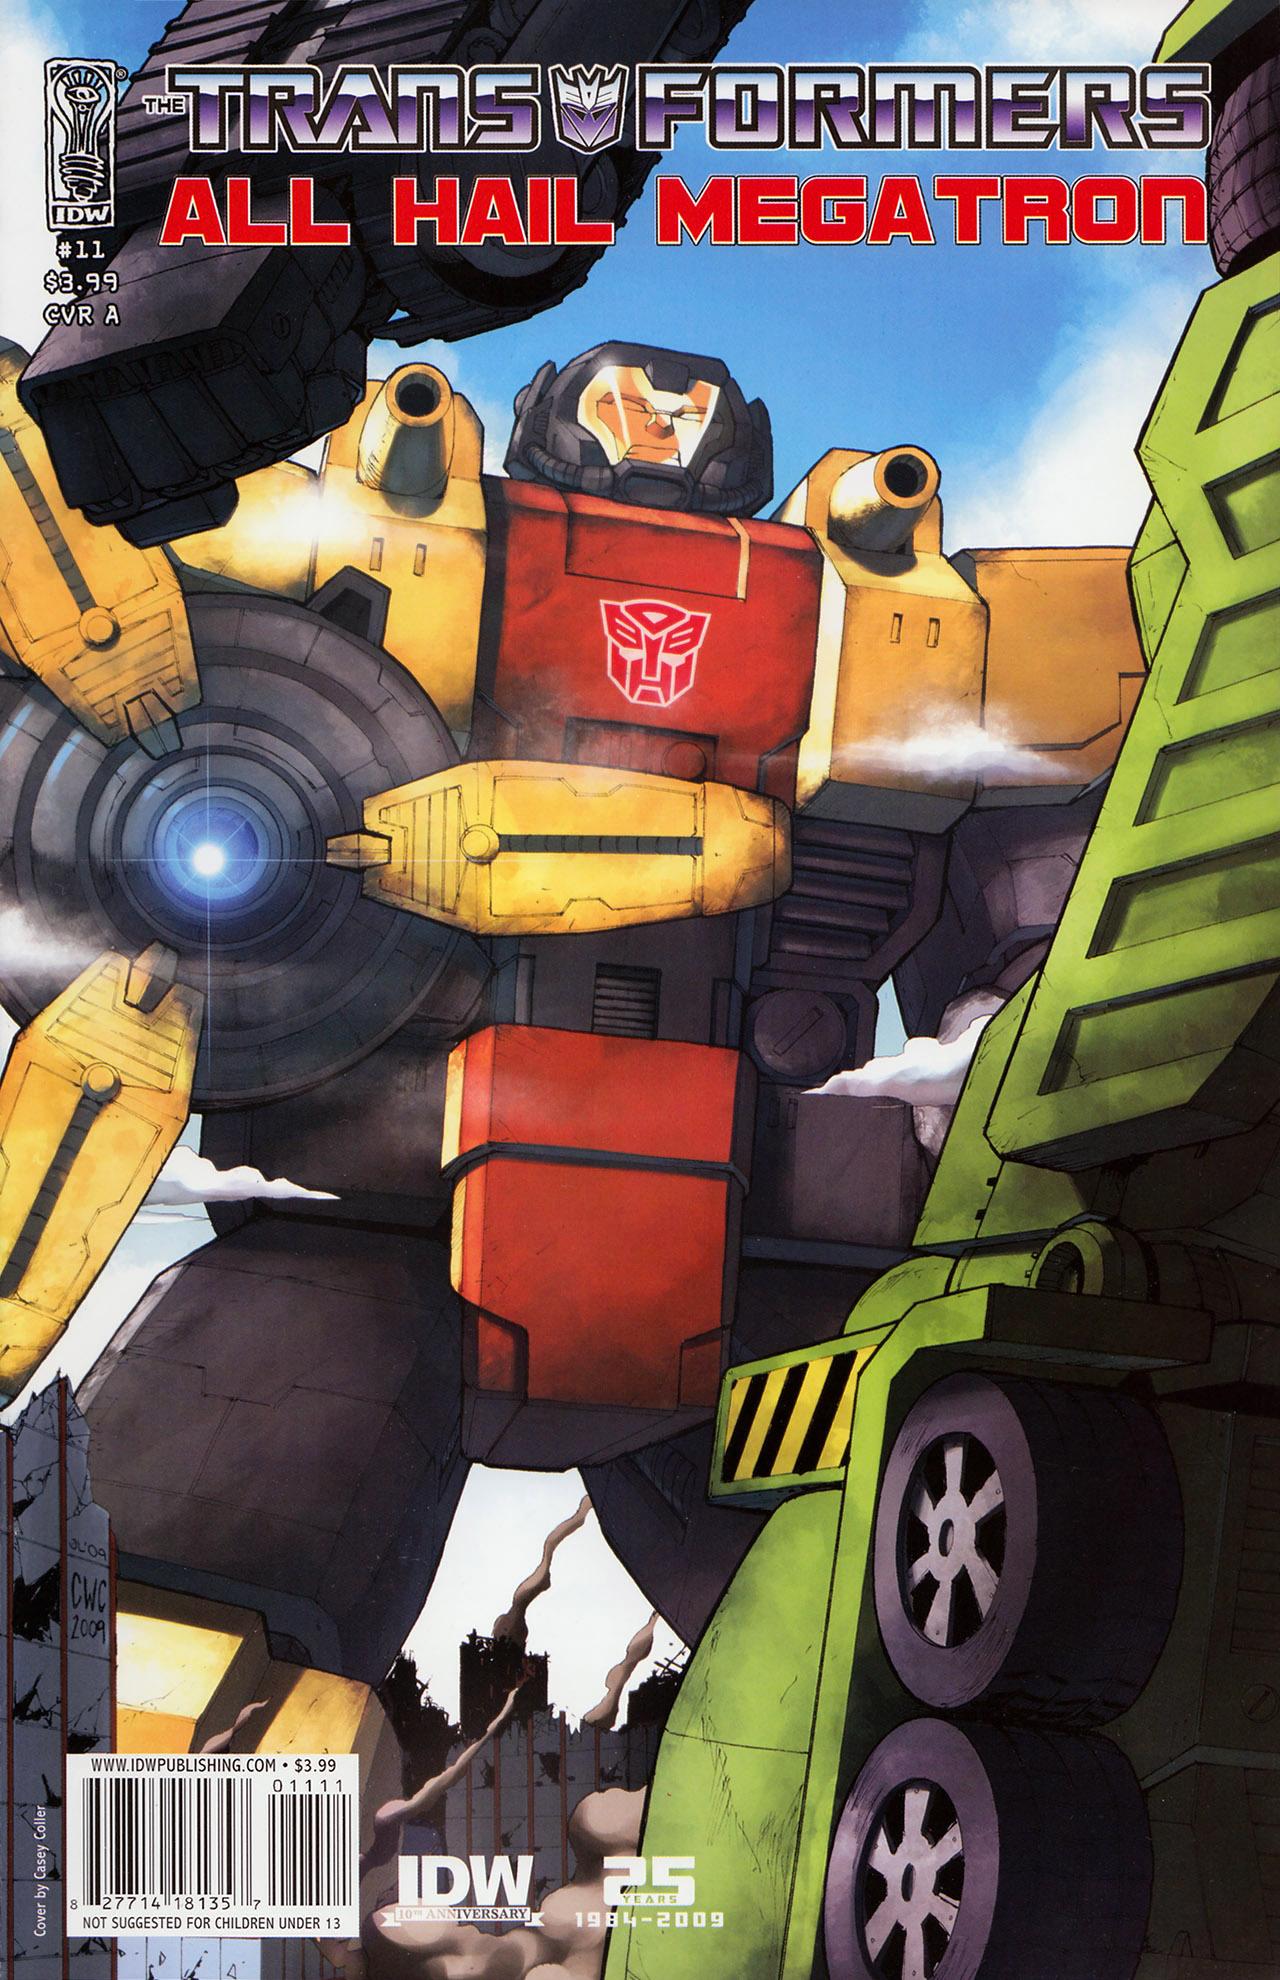 Комиксы Онлайн - Трансформеры: Да здравствует Мегатрон - # 11 - Страница №1 - Transformers: All Hail Megatron - # 11